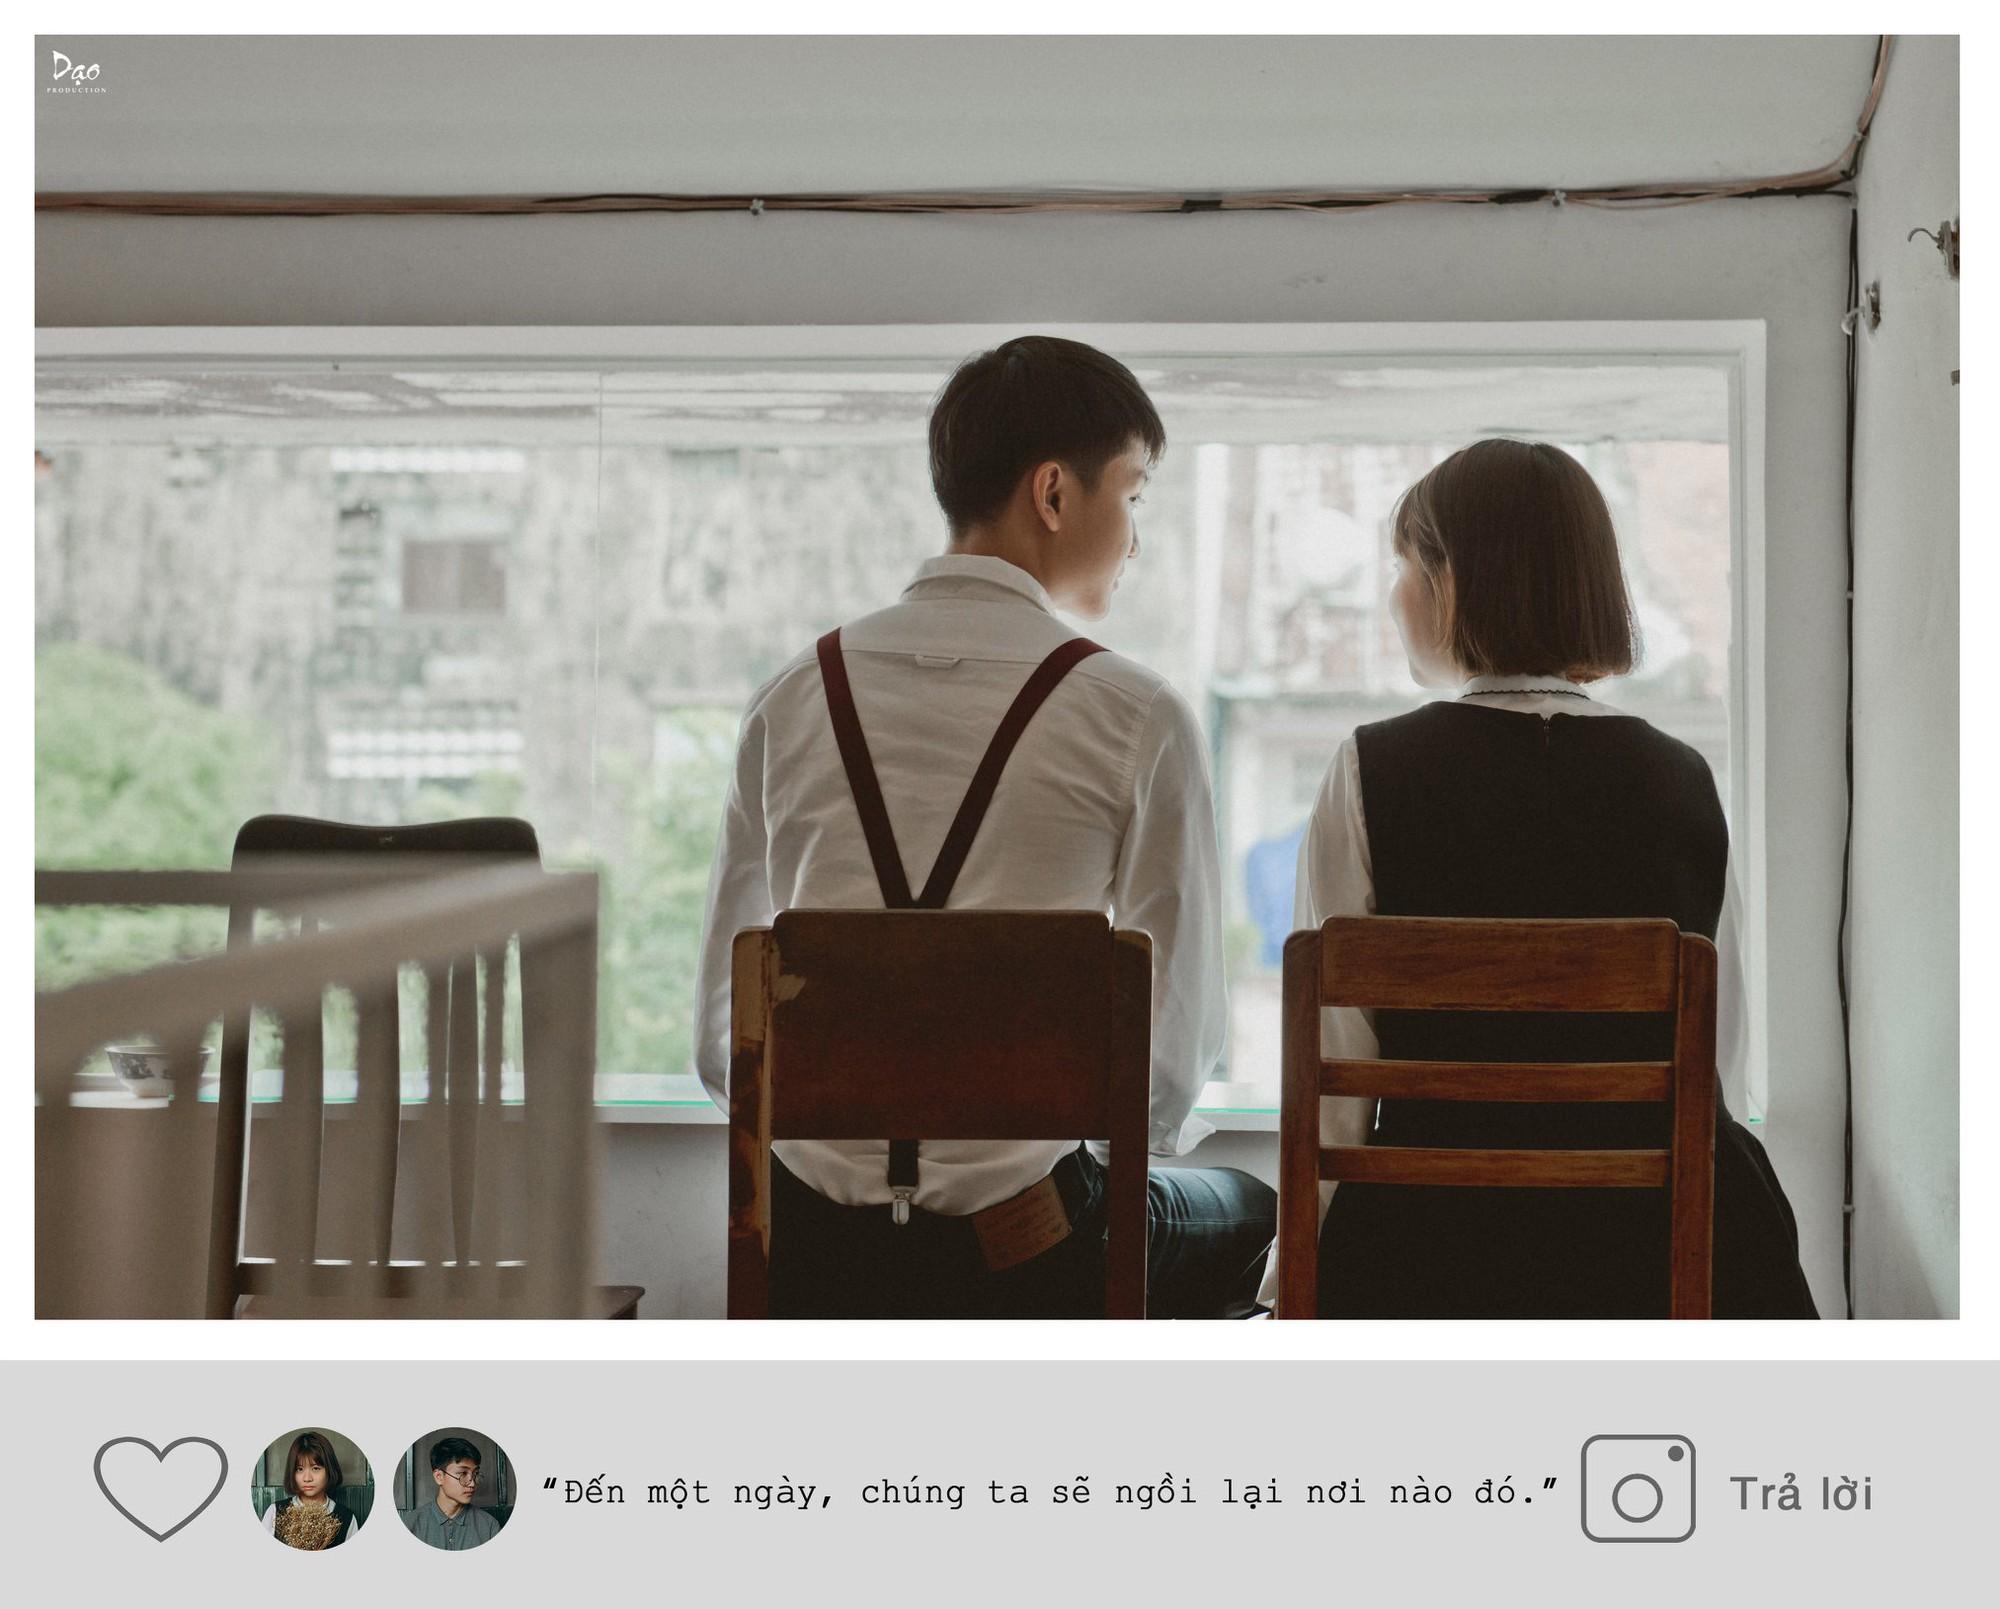 Bộ ảnh mới toanh của cặp đôi trường Trưng Vương từng được mến mộ nhờ mối tình chị em cực dễ thương - Ảnh 10.